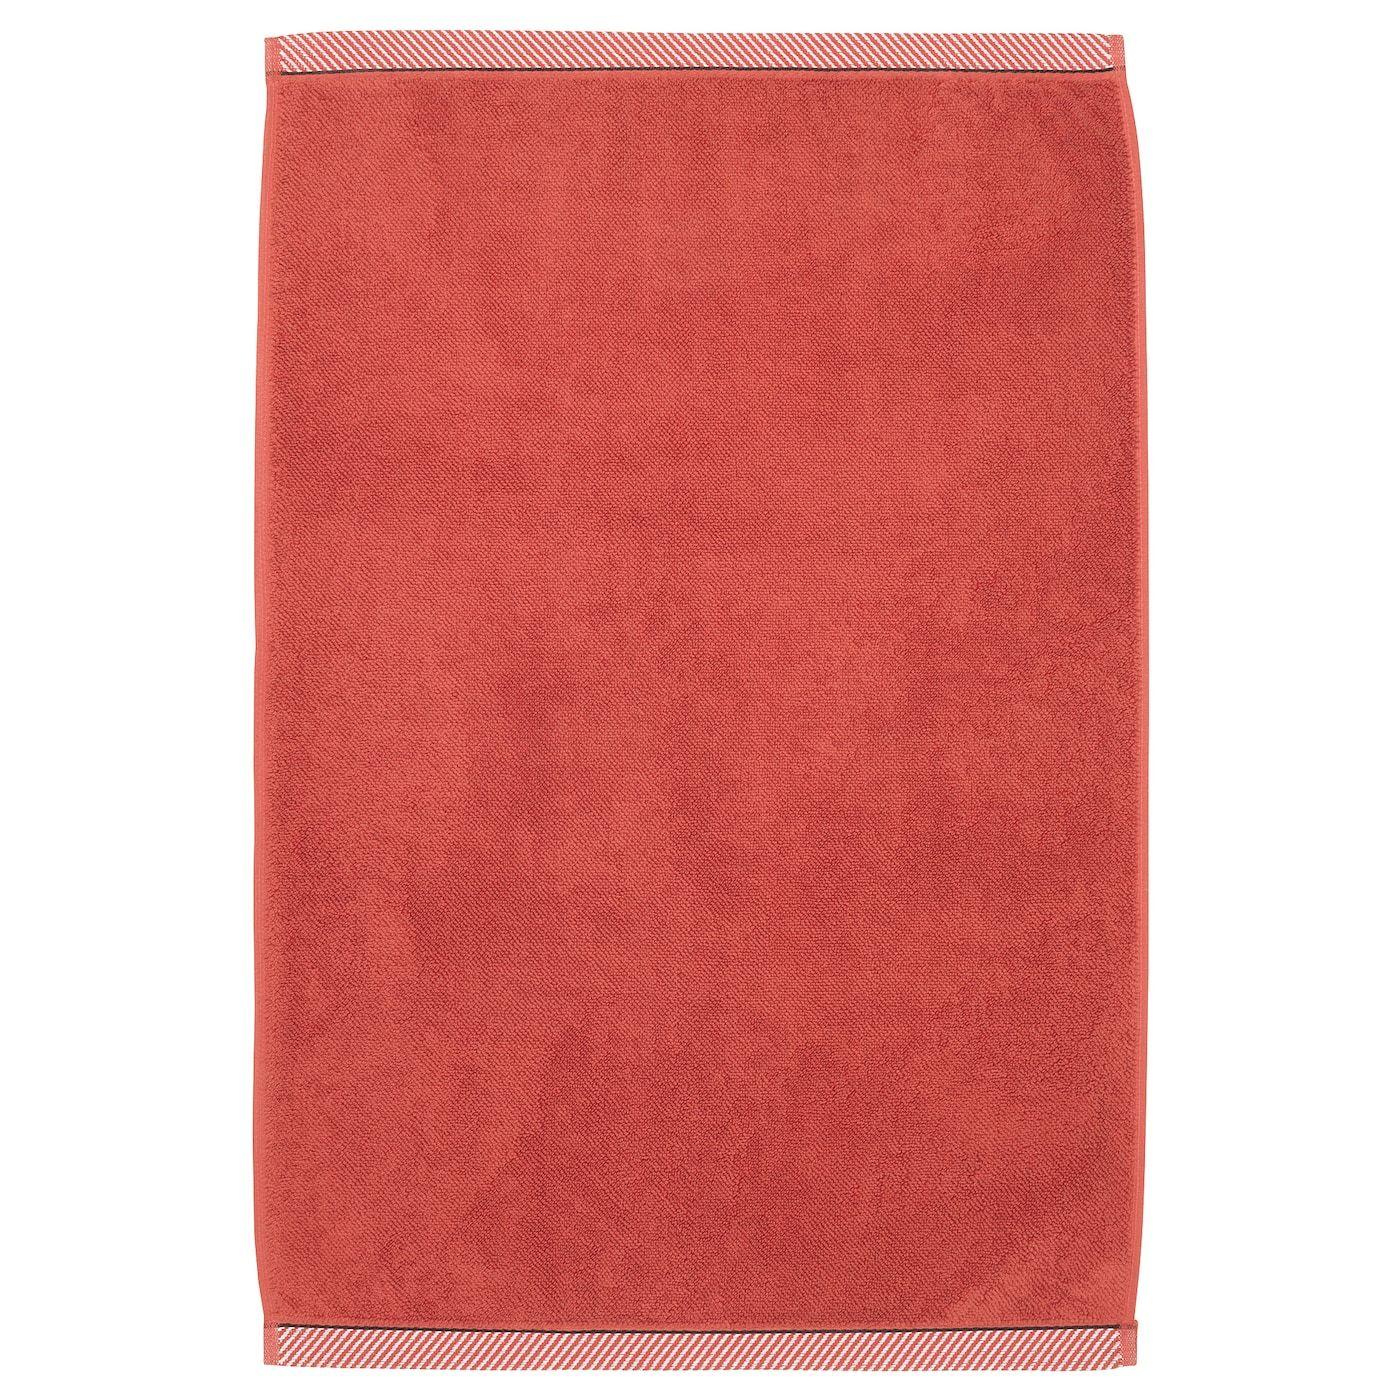 Vikfjard Tapis De Bain Rouge 50x80 Cm In 2020 Handdoeken Ikea En Vloerverwarming